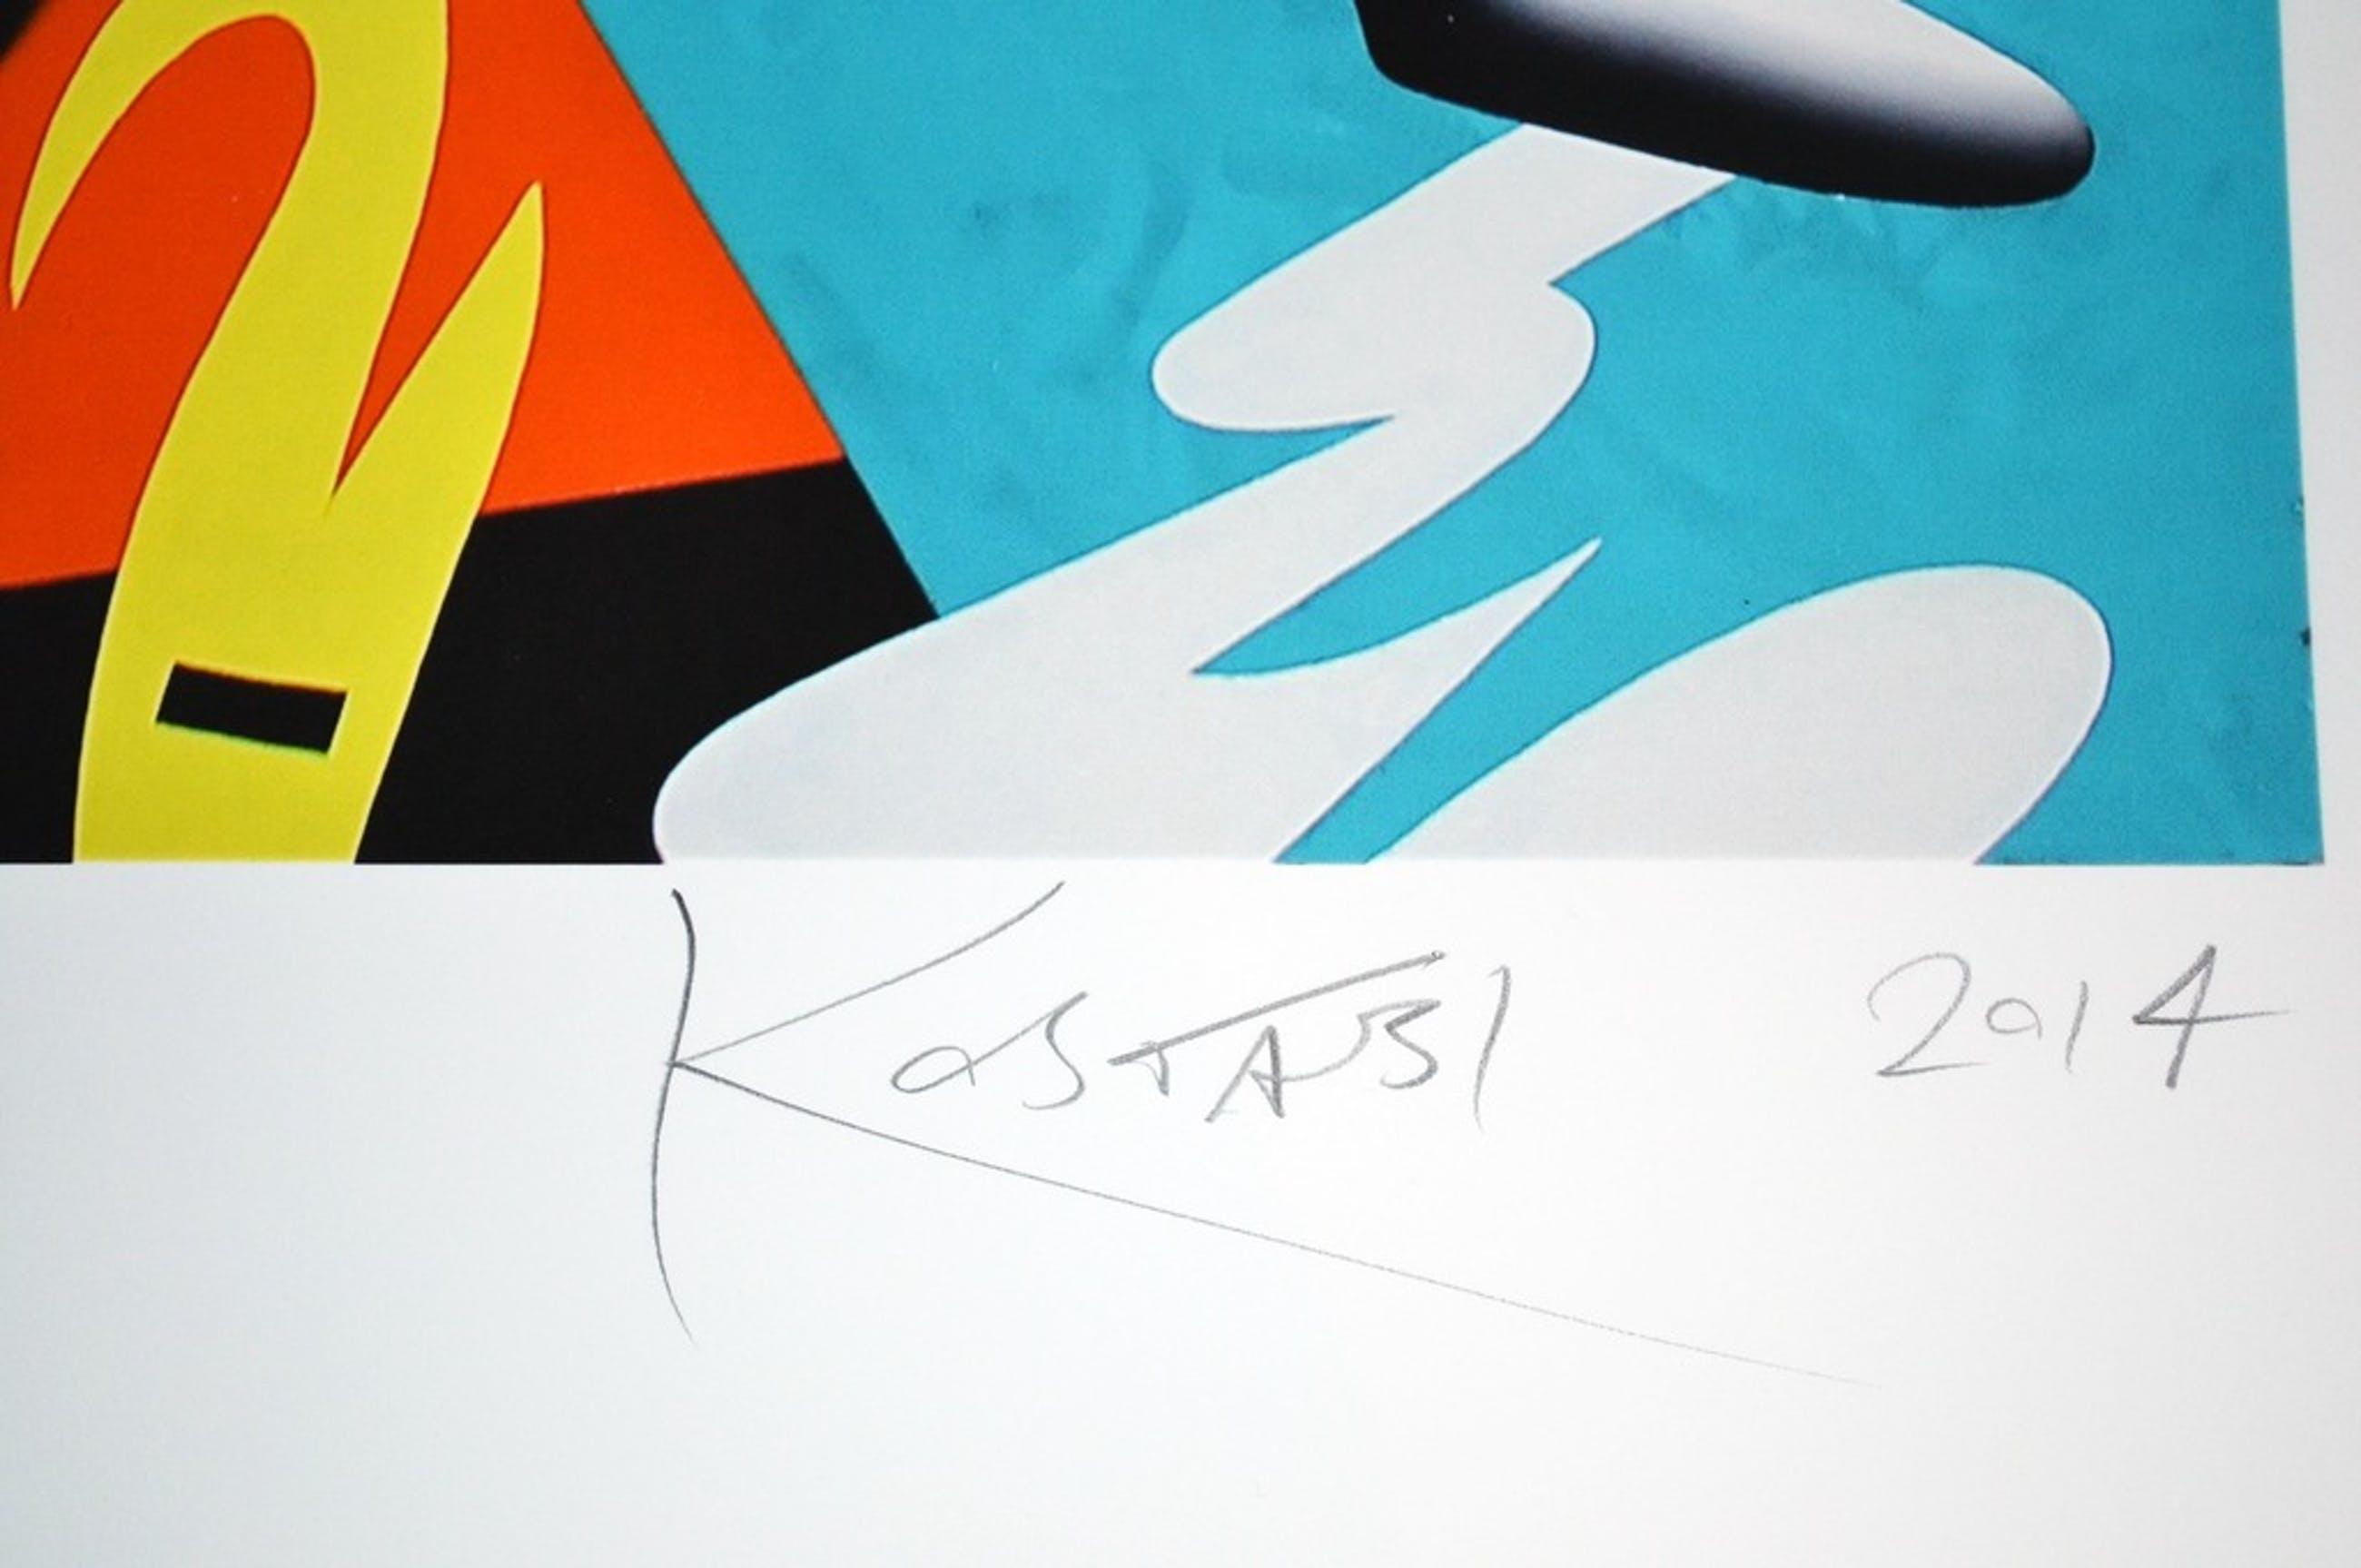 Mark Kostabi - groot giclee - gesigneerd - 50 ex. - 2014 kopen? Bied vanaf 1!